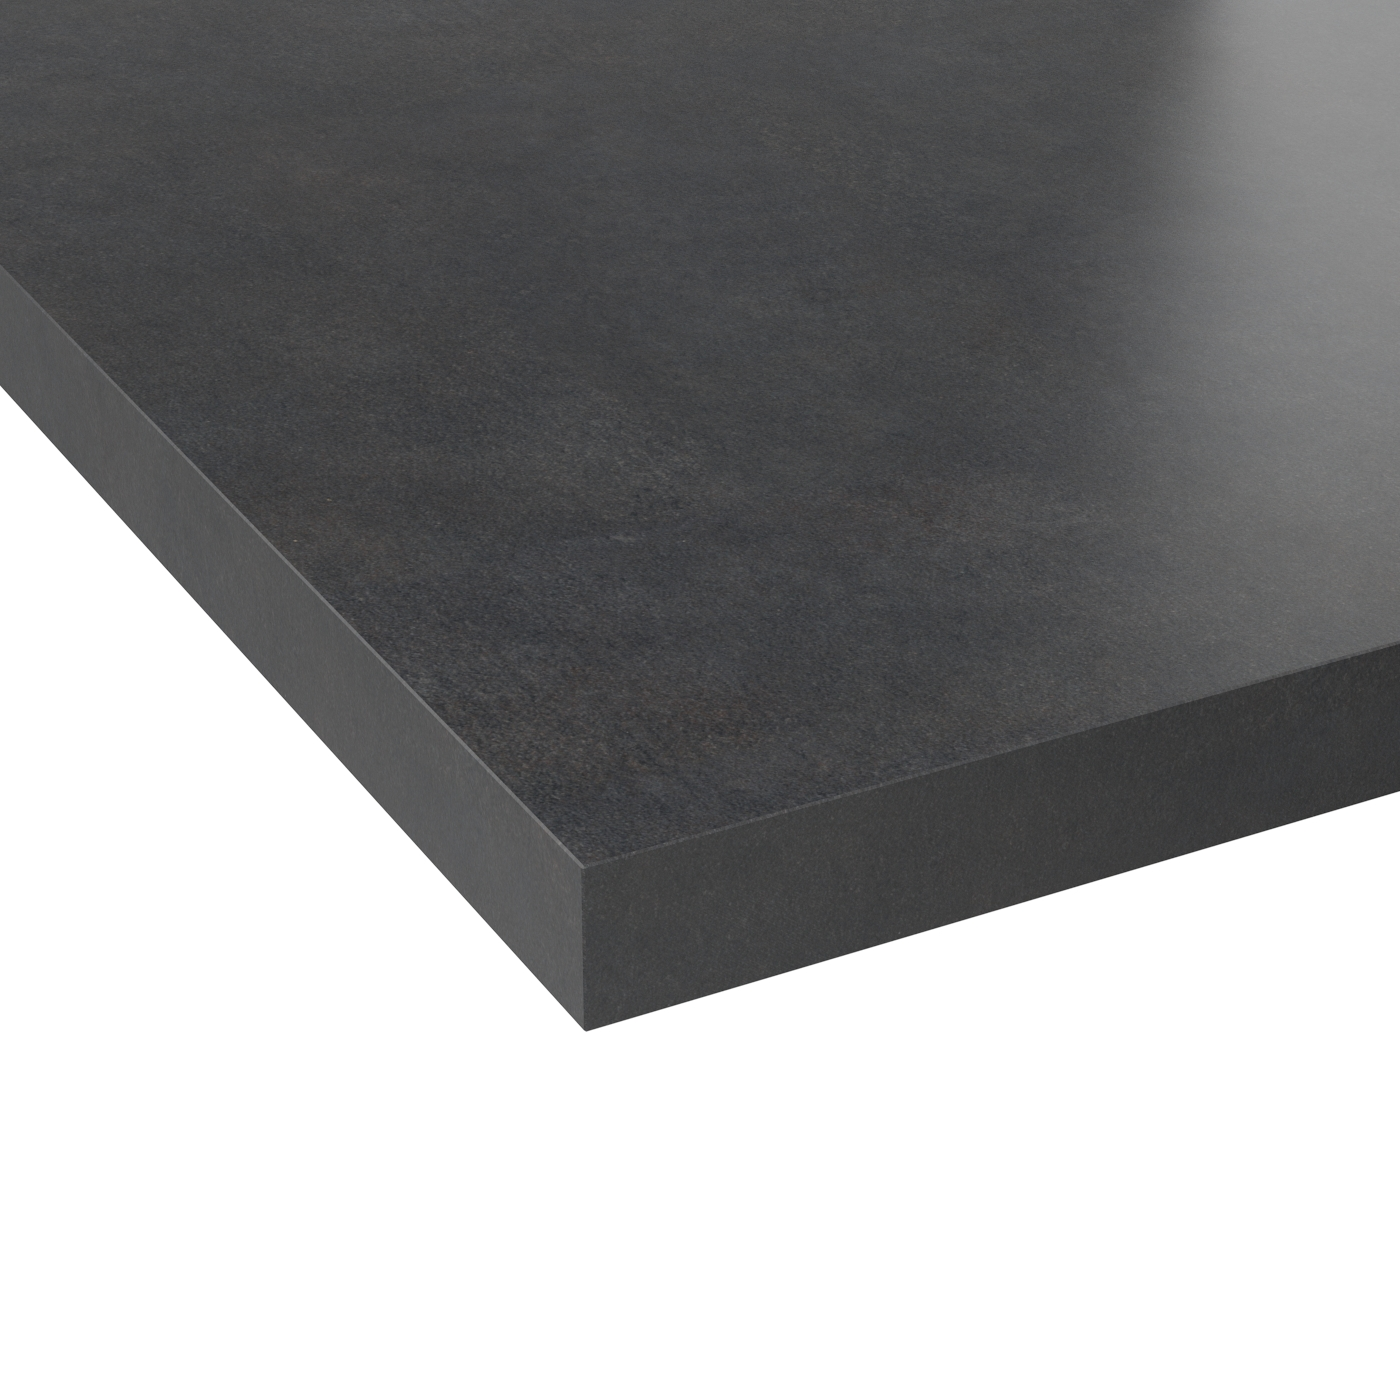 trendy plan de travail cuisine n dcor beton gris stratifi chant coordonn with plan de travail. Black Bedroom Furniture Sets. Home Design Ideas